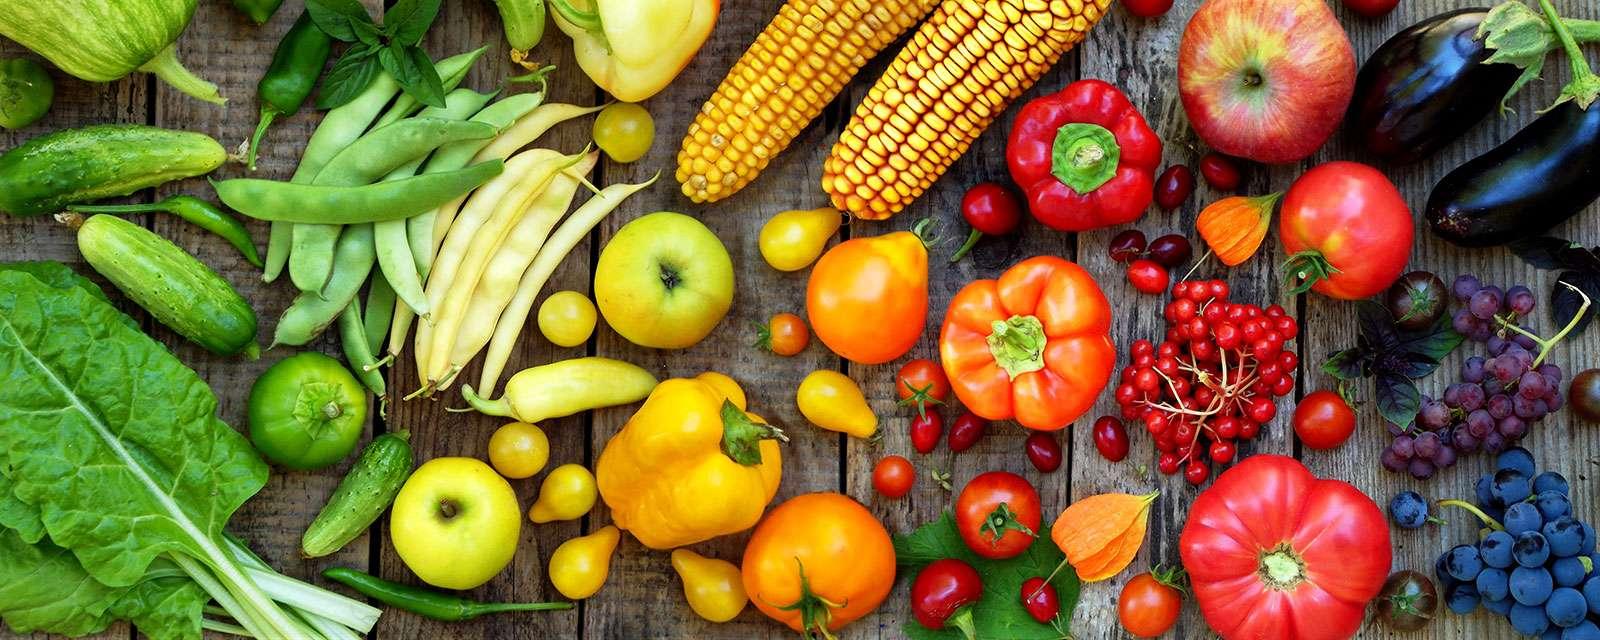 Como saber o que é saudável para se comer?